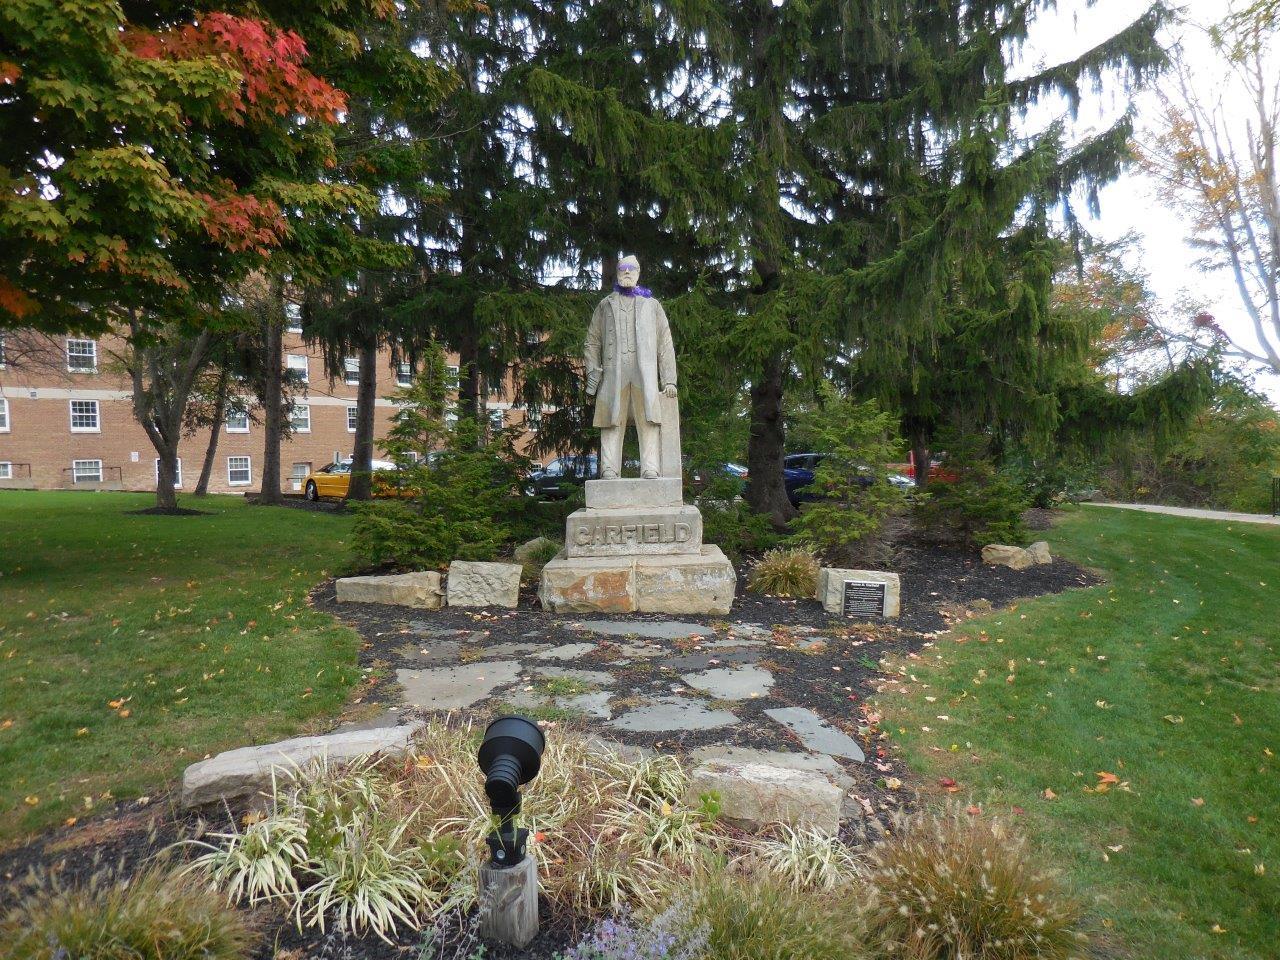 James Garfield statue in Hiram, Ohio